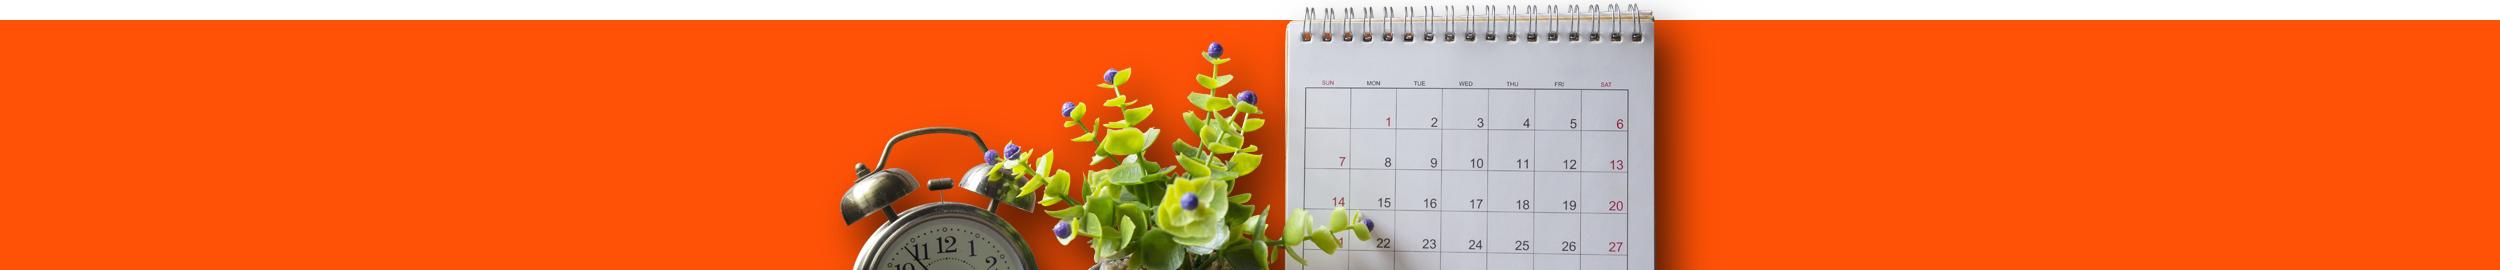 Calendars Banner | Minuteman Press Norwich